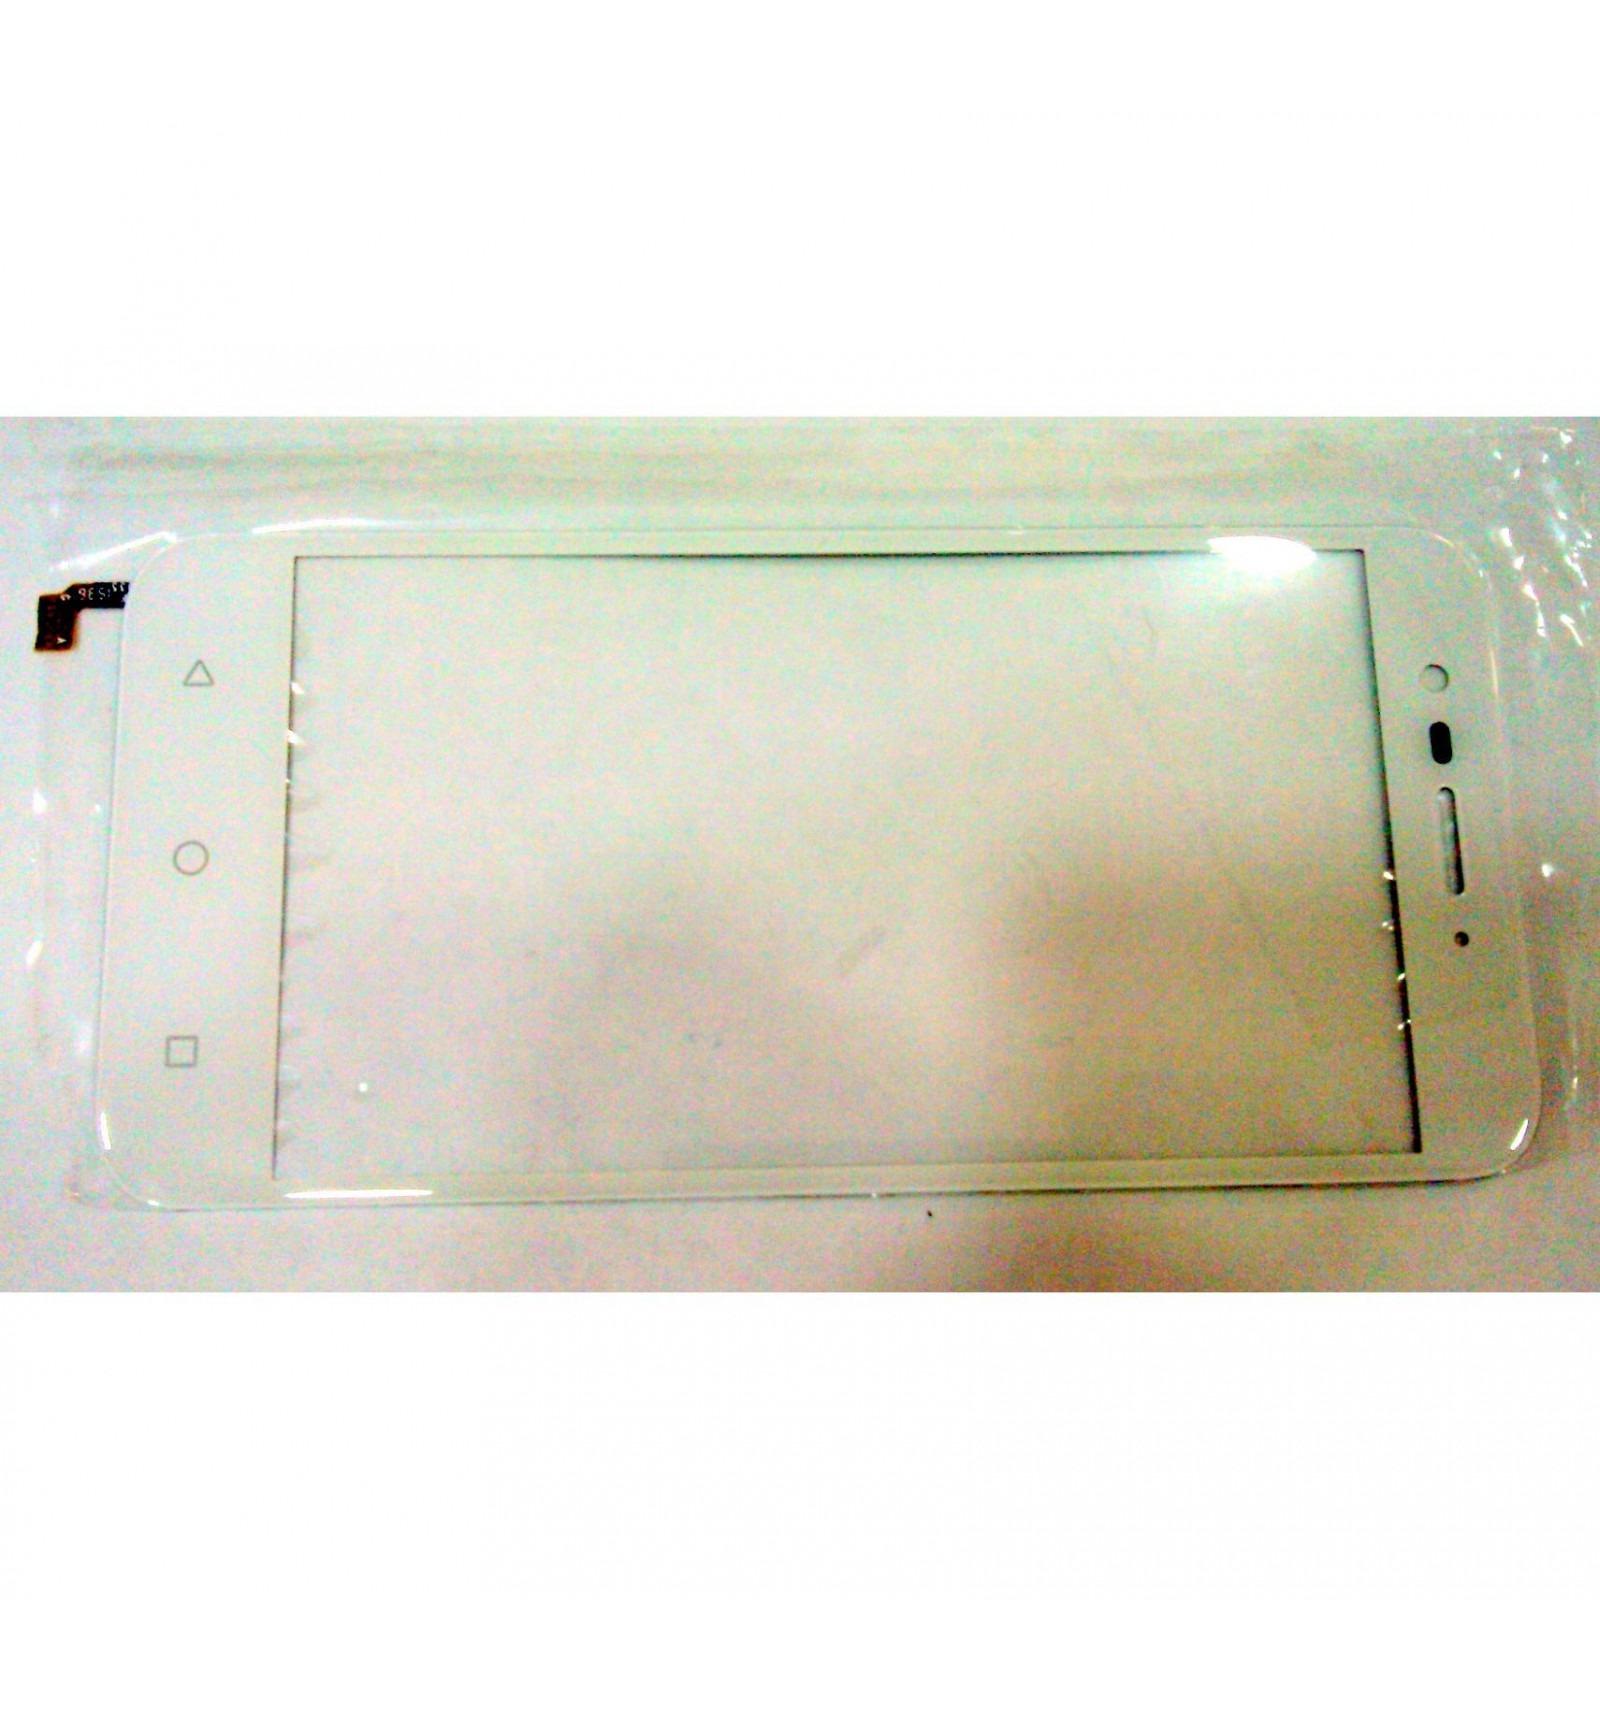 Alcatel Vodafone Smart Prime 7 VF600 VFD600 original white touch screen